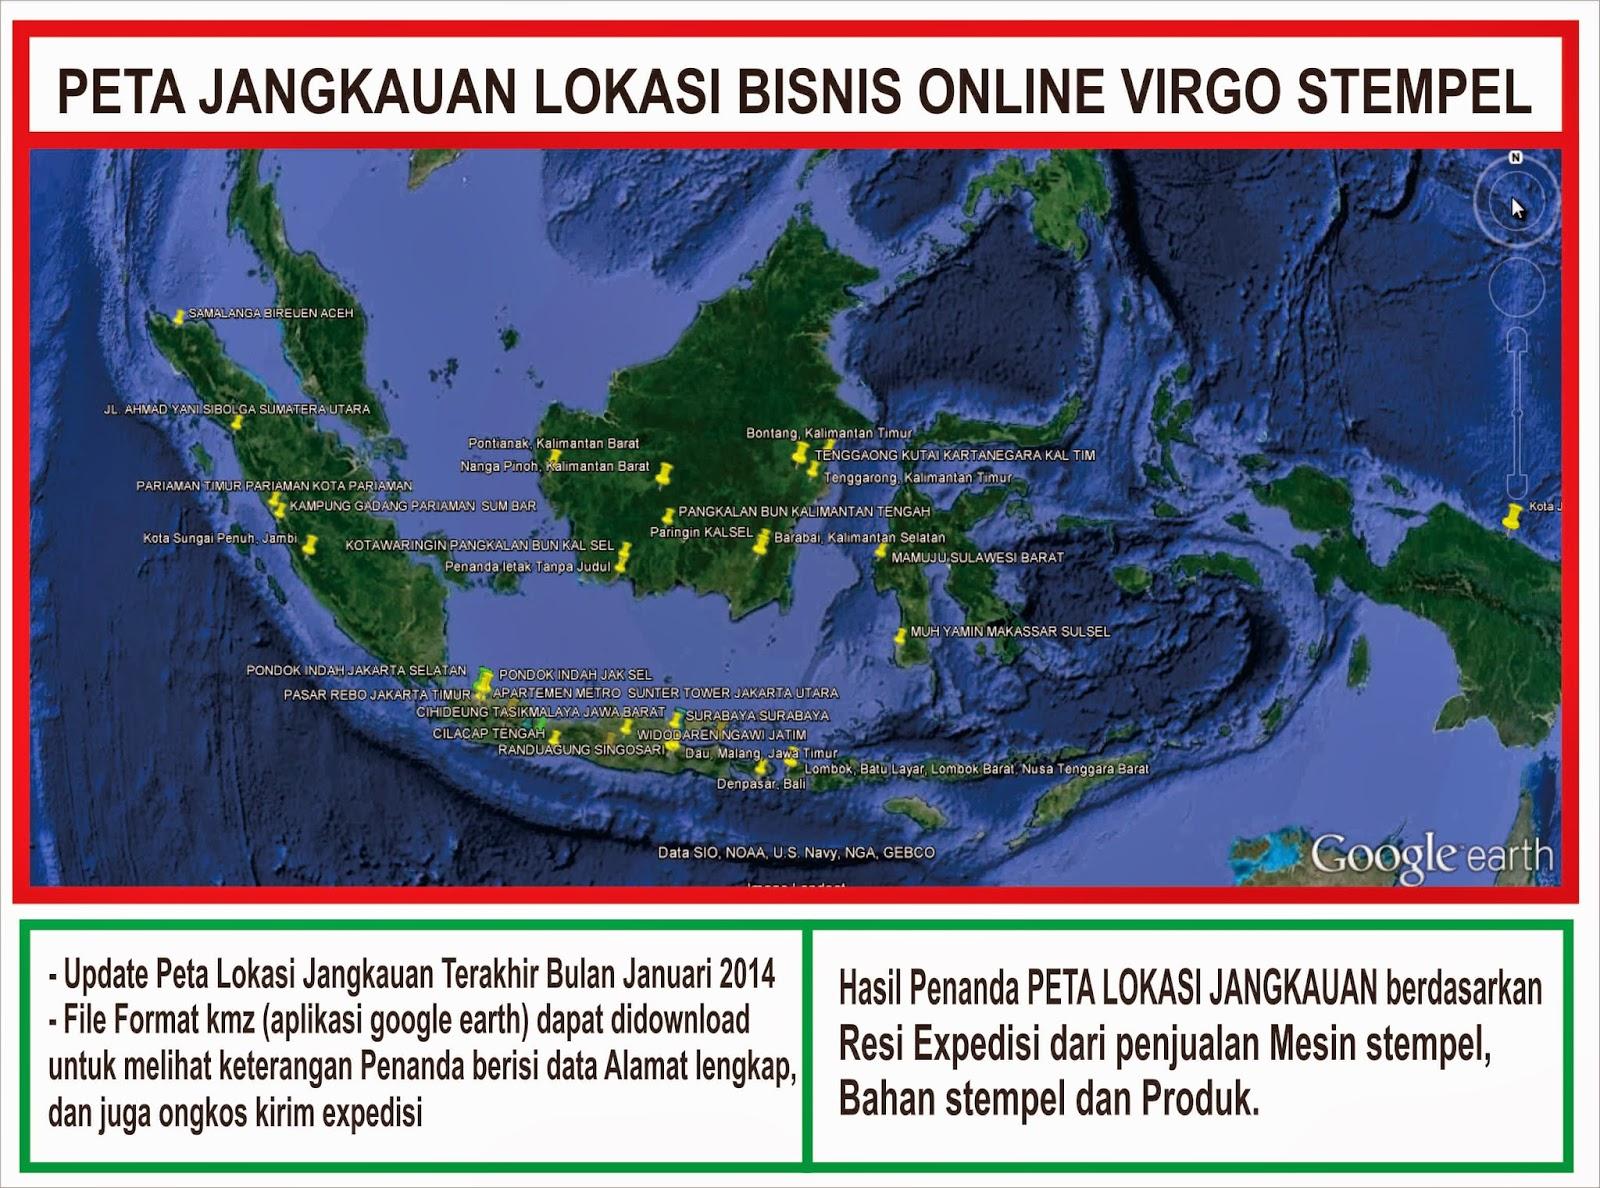 peta jangkauan penjualan virgo stempel